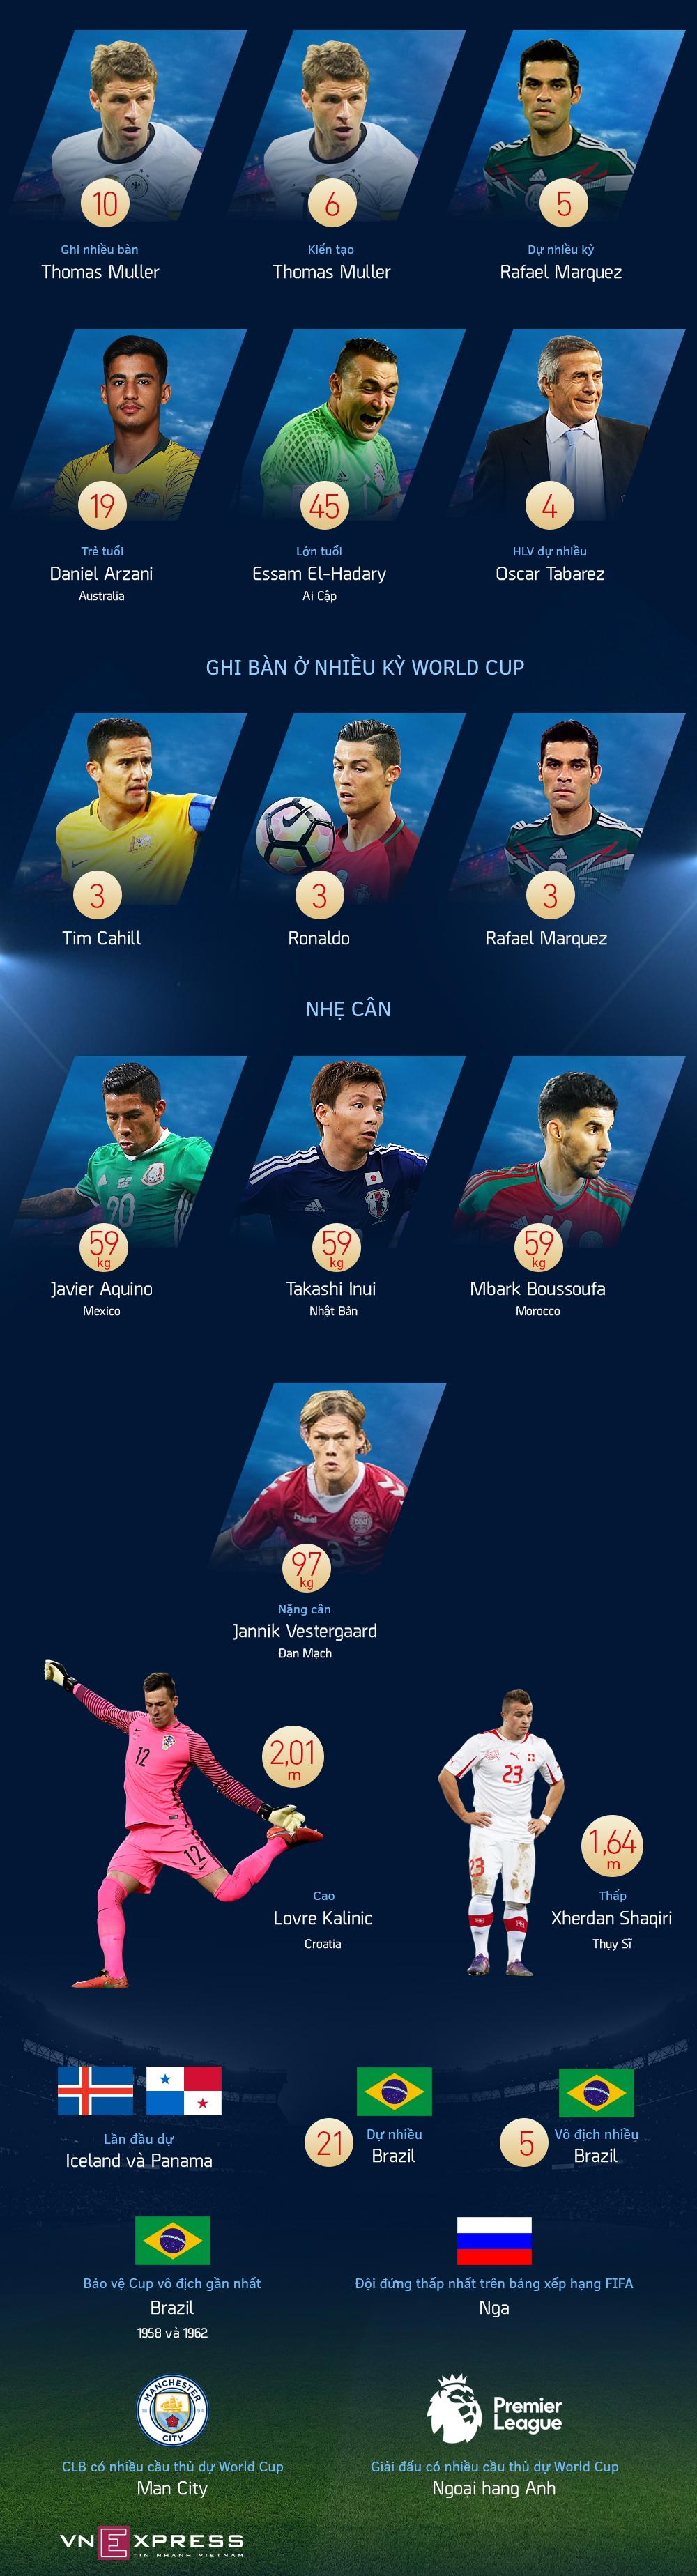 Những cái nhất ở World Cup 2018